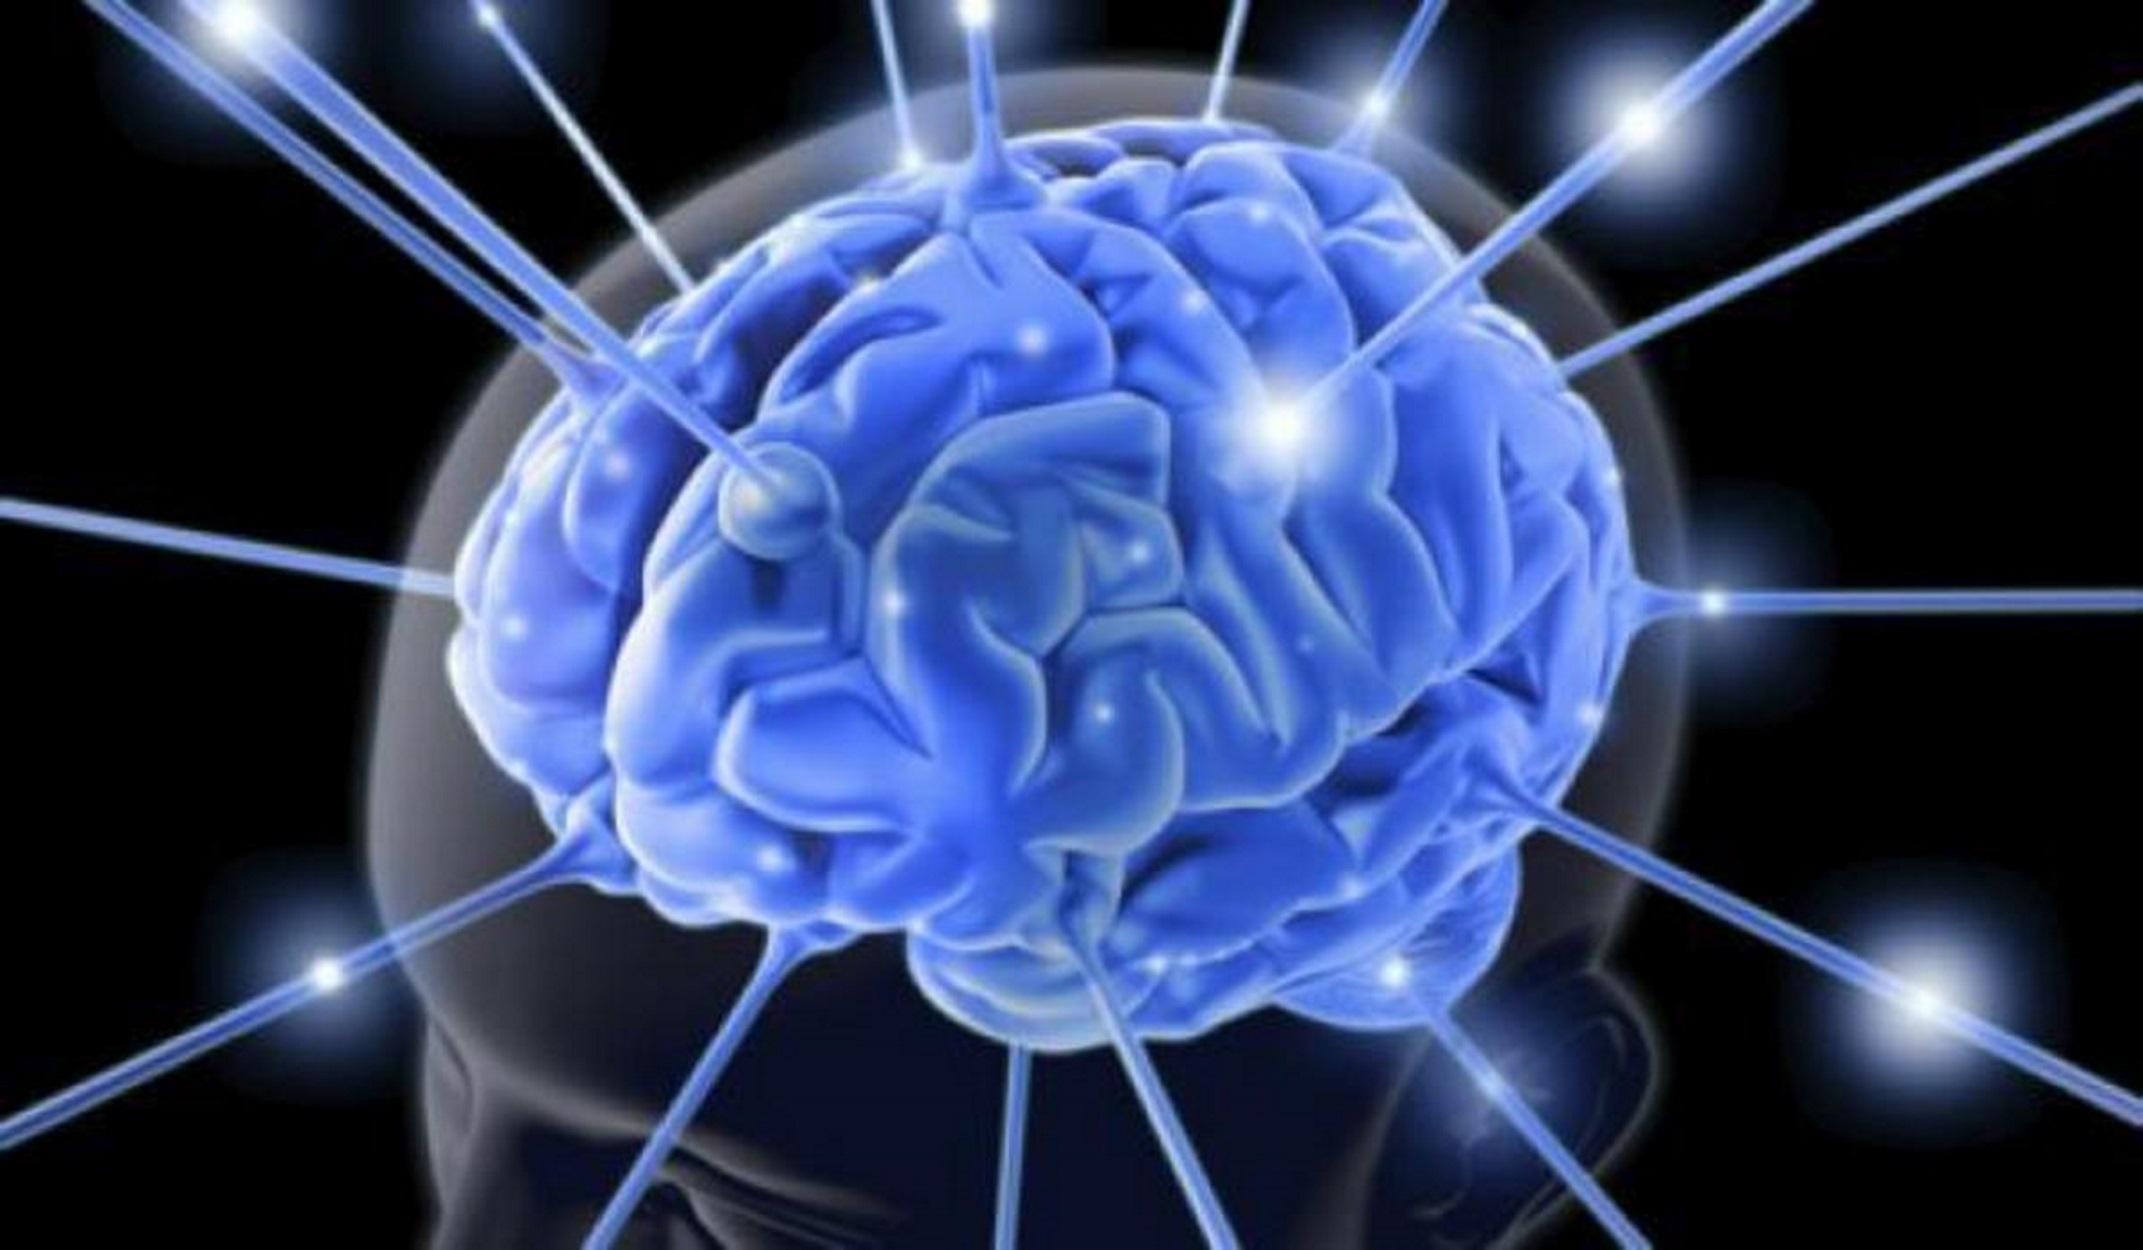 Ο εγκέφαλος αναγνωρίζει οικείο ήχο μετά από 100 χιλιοστά του δευτερολέπτου